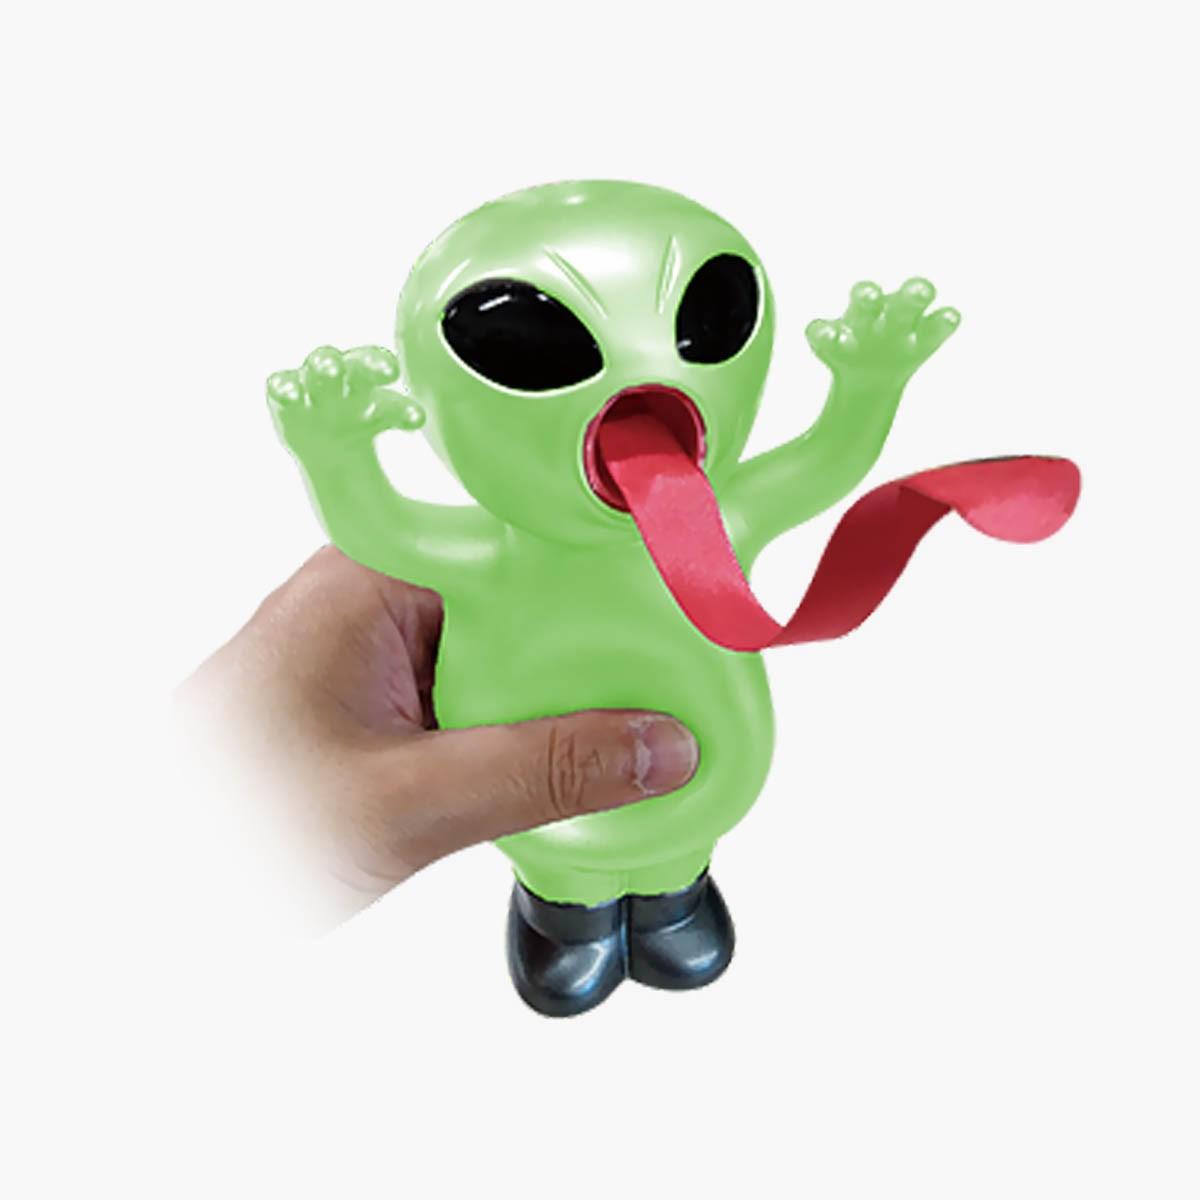 Interaktyvus žaisliukas SILLY ALIEN šviečiantis tamsoje, nuo 18 mėn., 1 vnt.